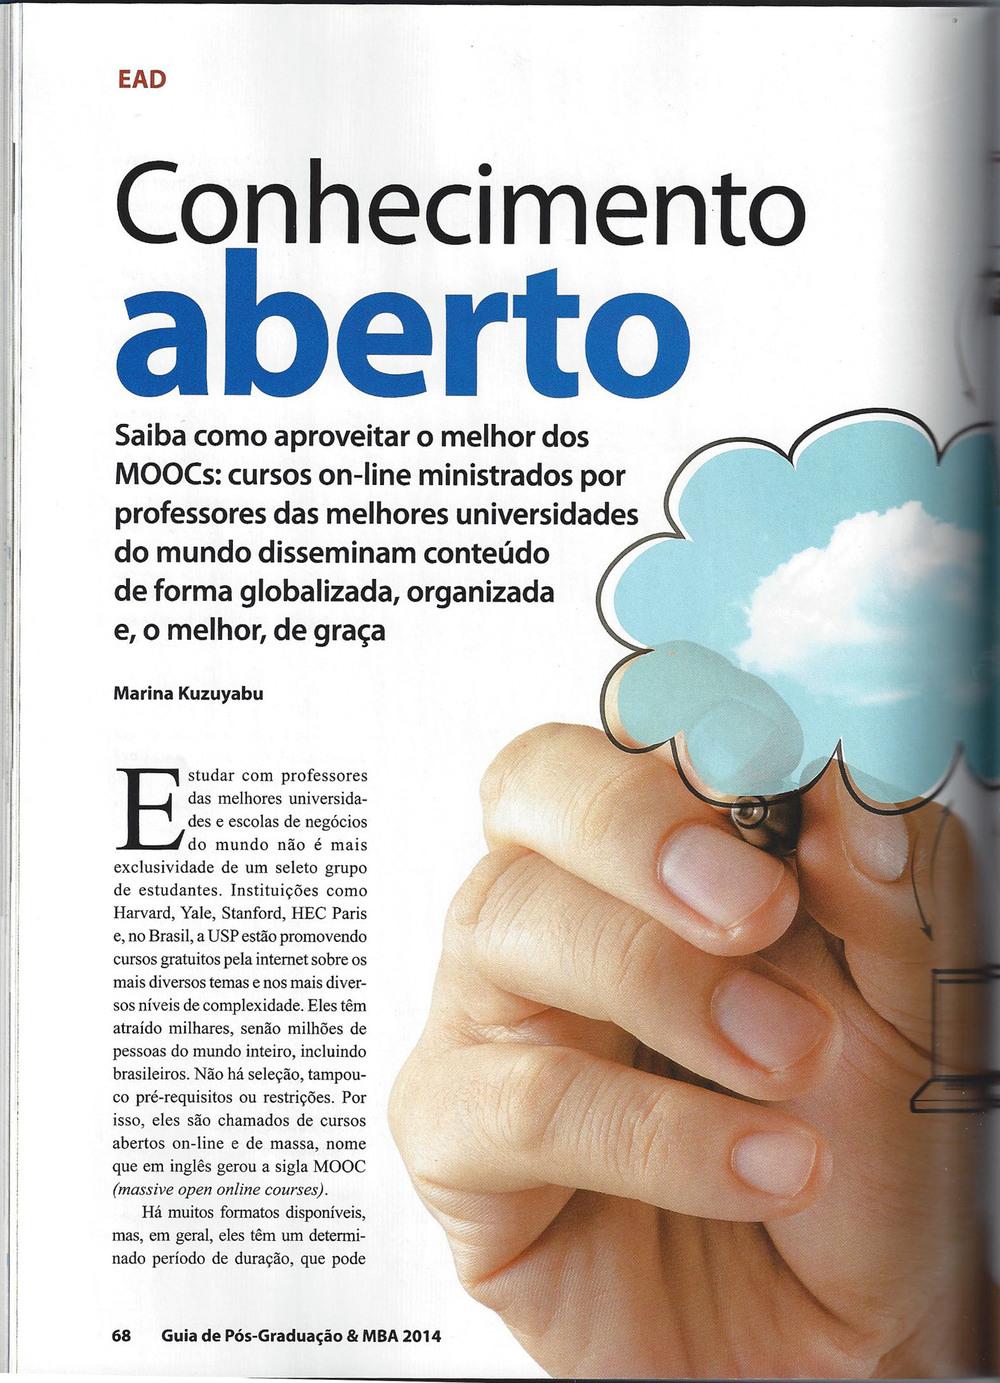 Guia de Pós & MBA_page 68.jpg